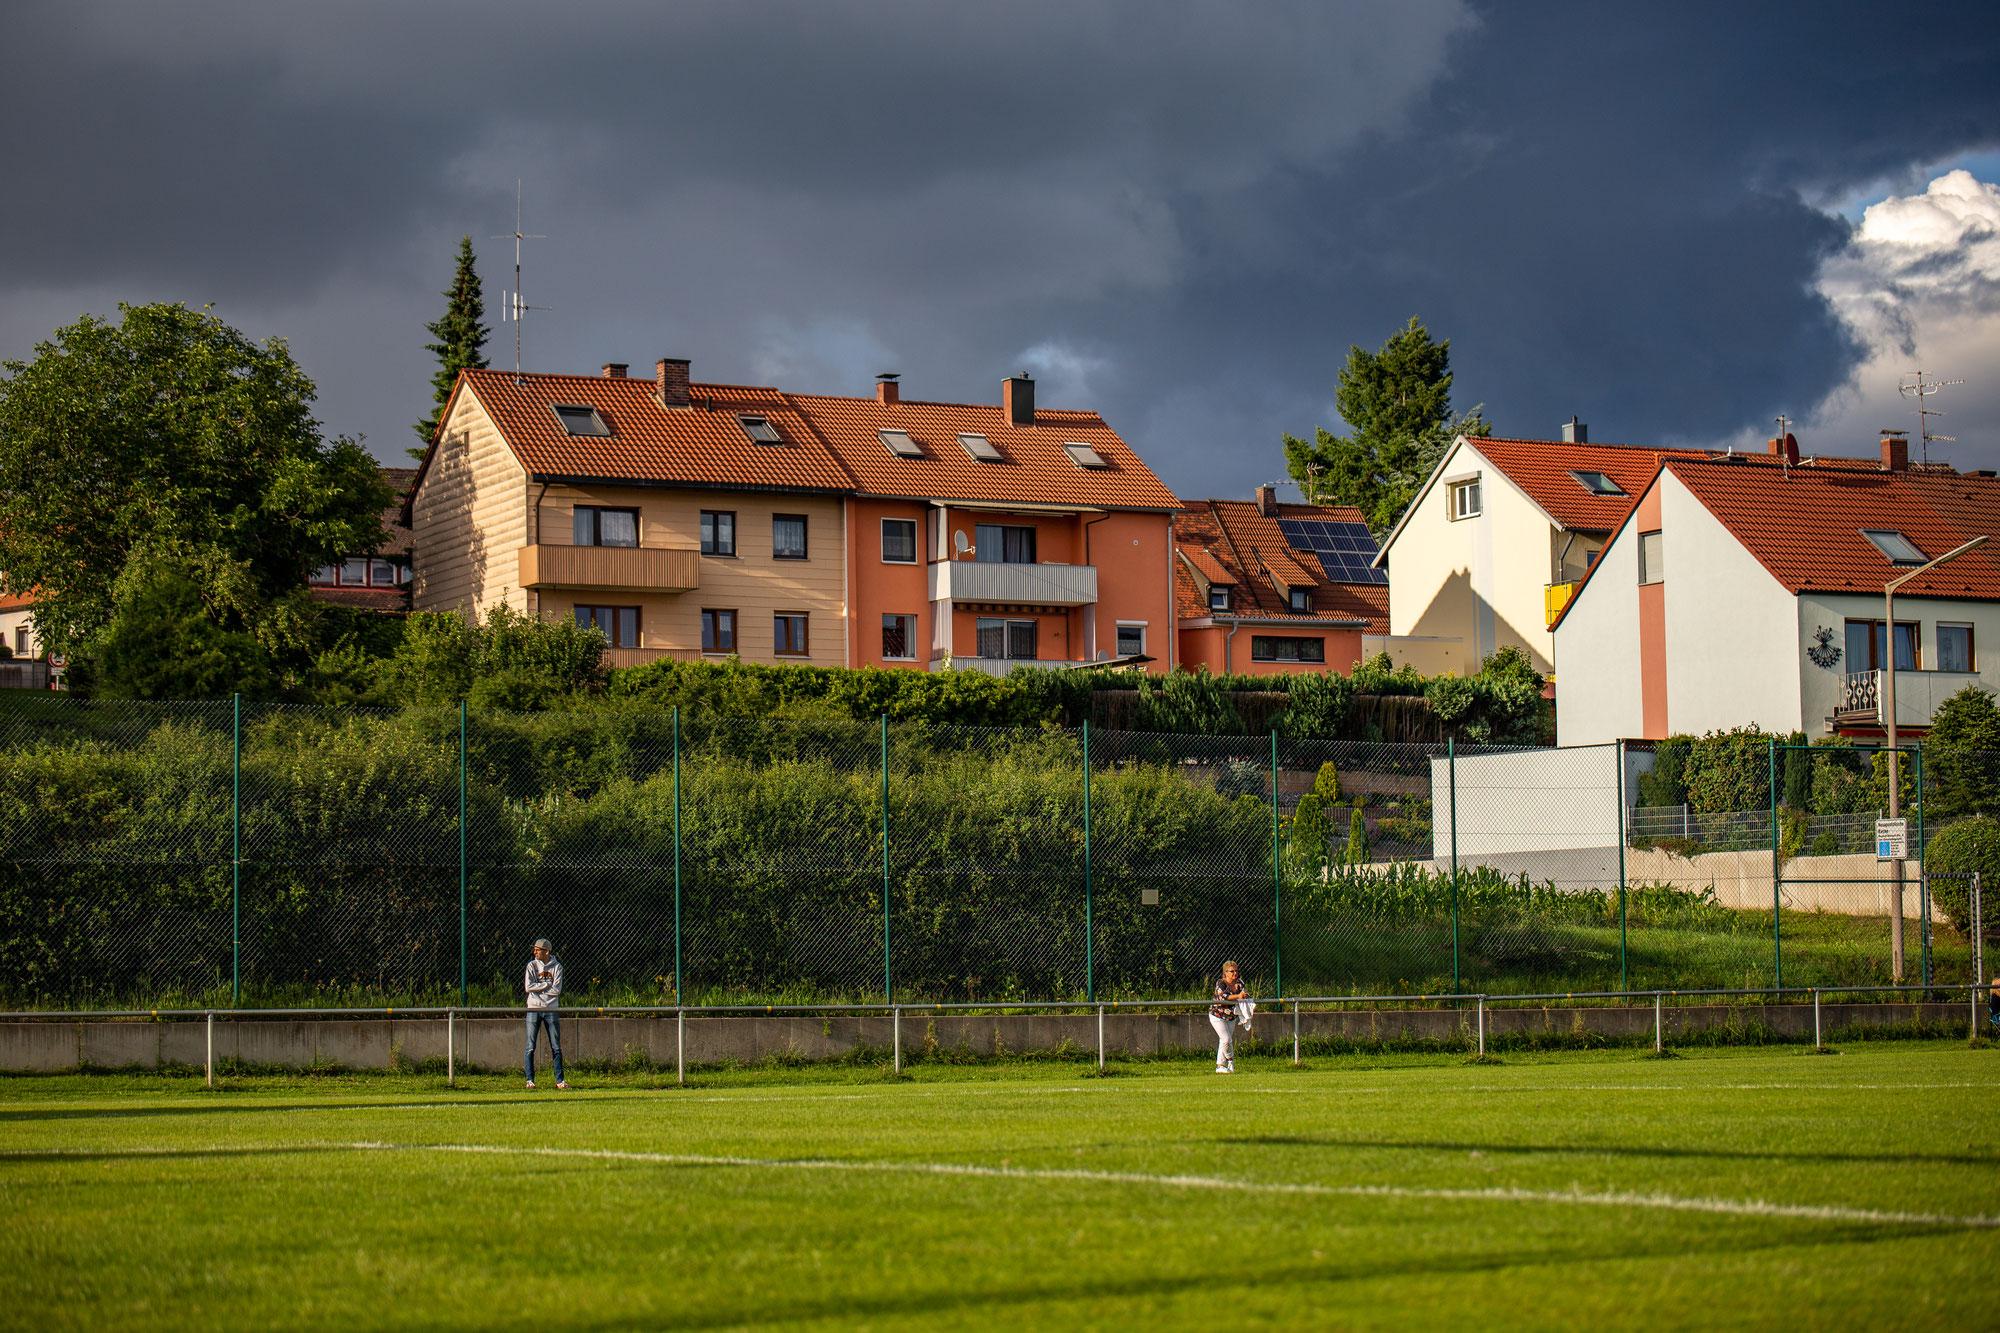 Groundhopping: TSV 1861 Zirndorf vs. ASV Fürth